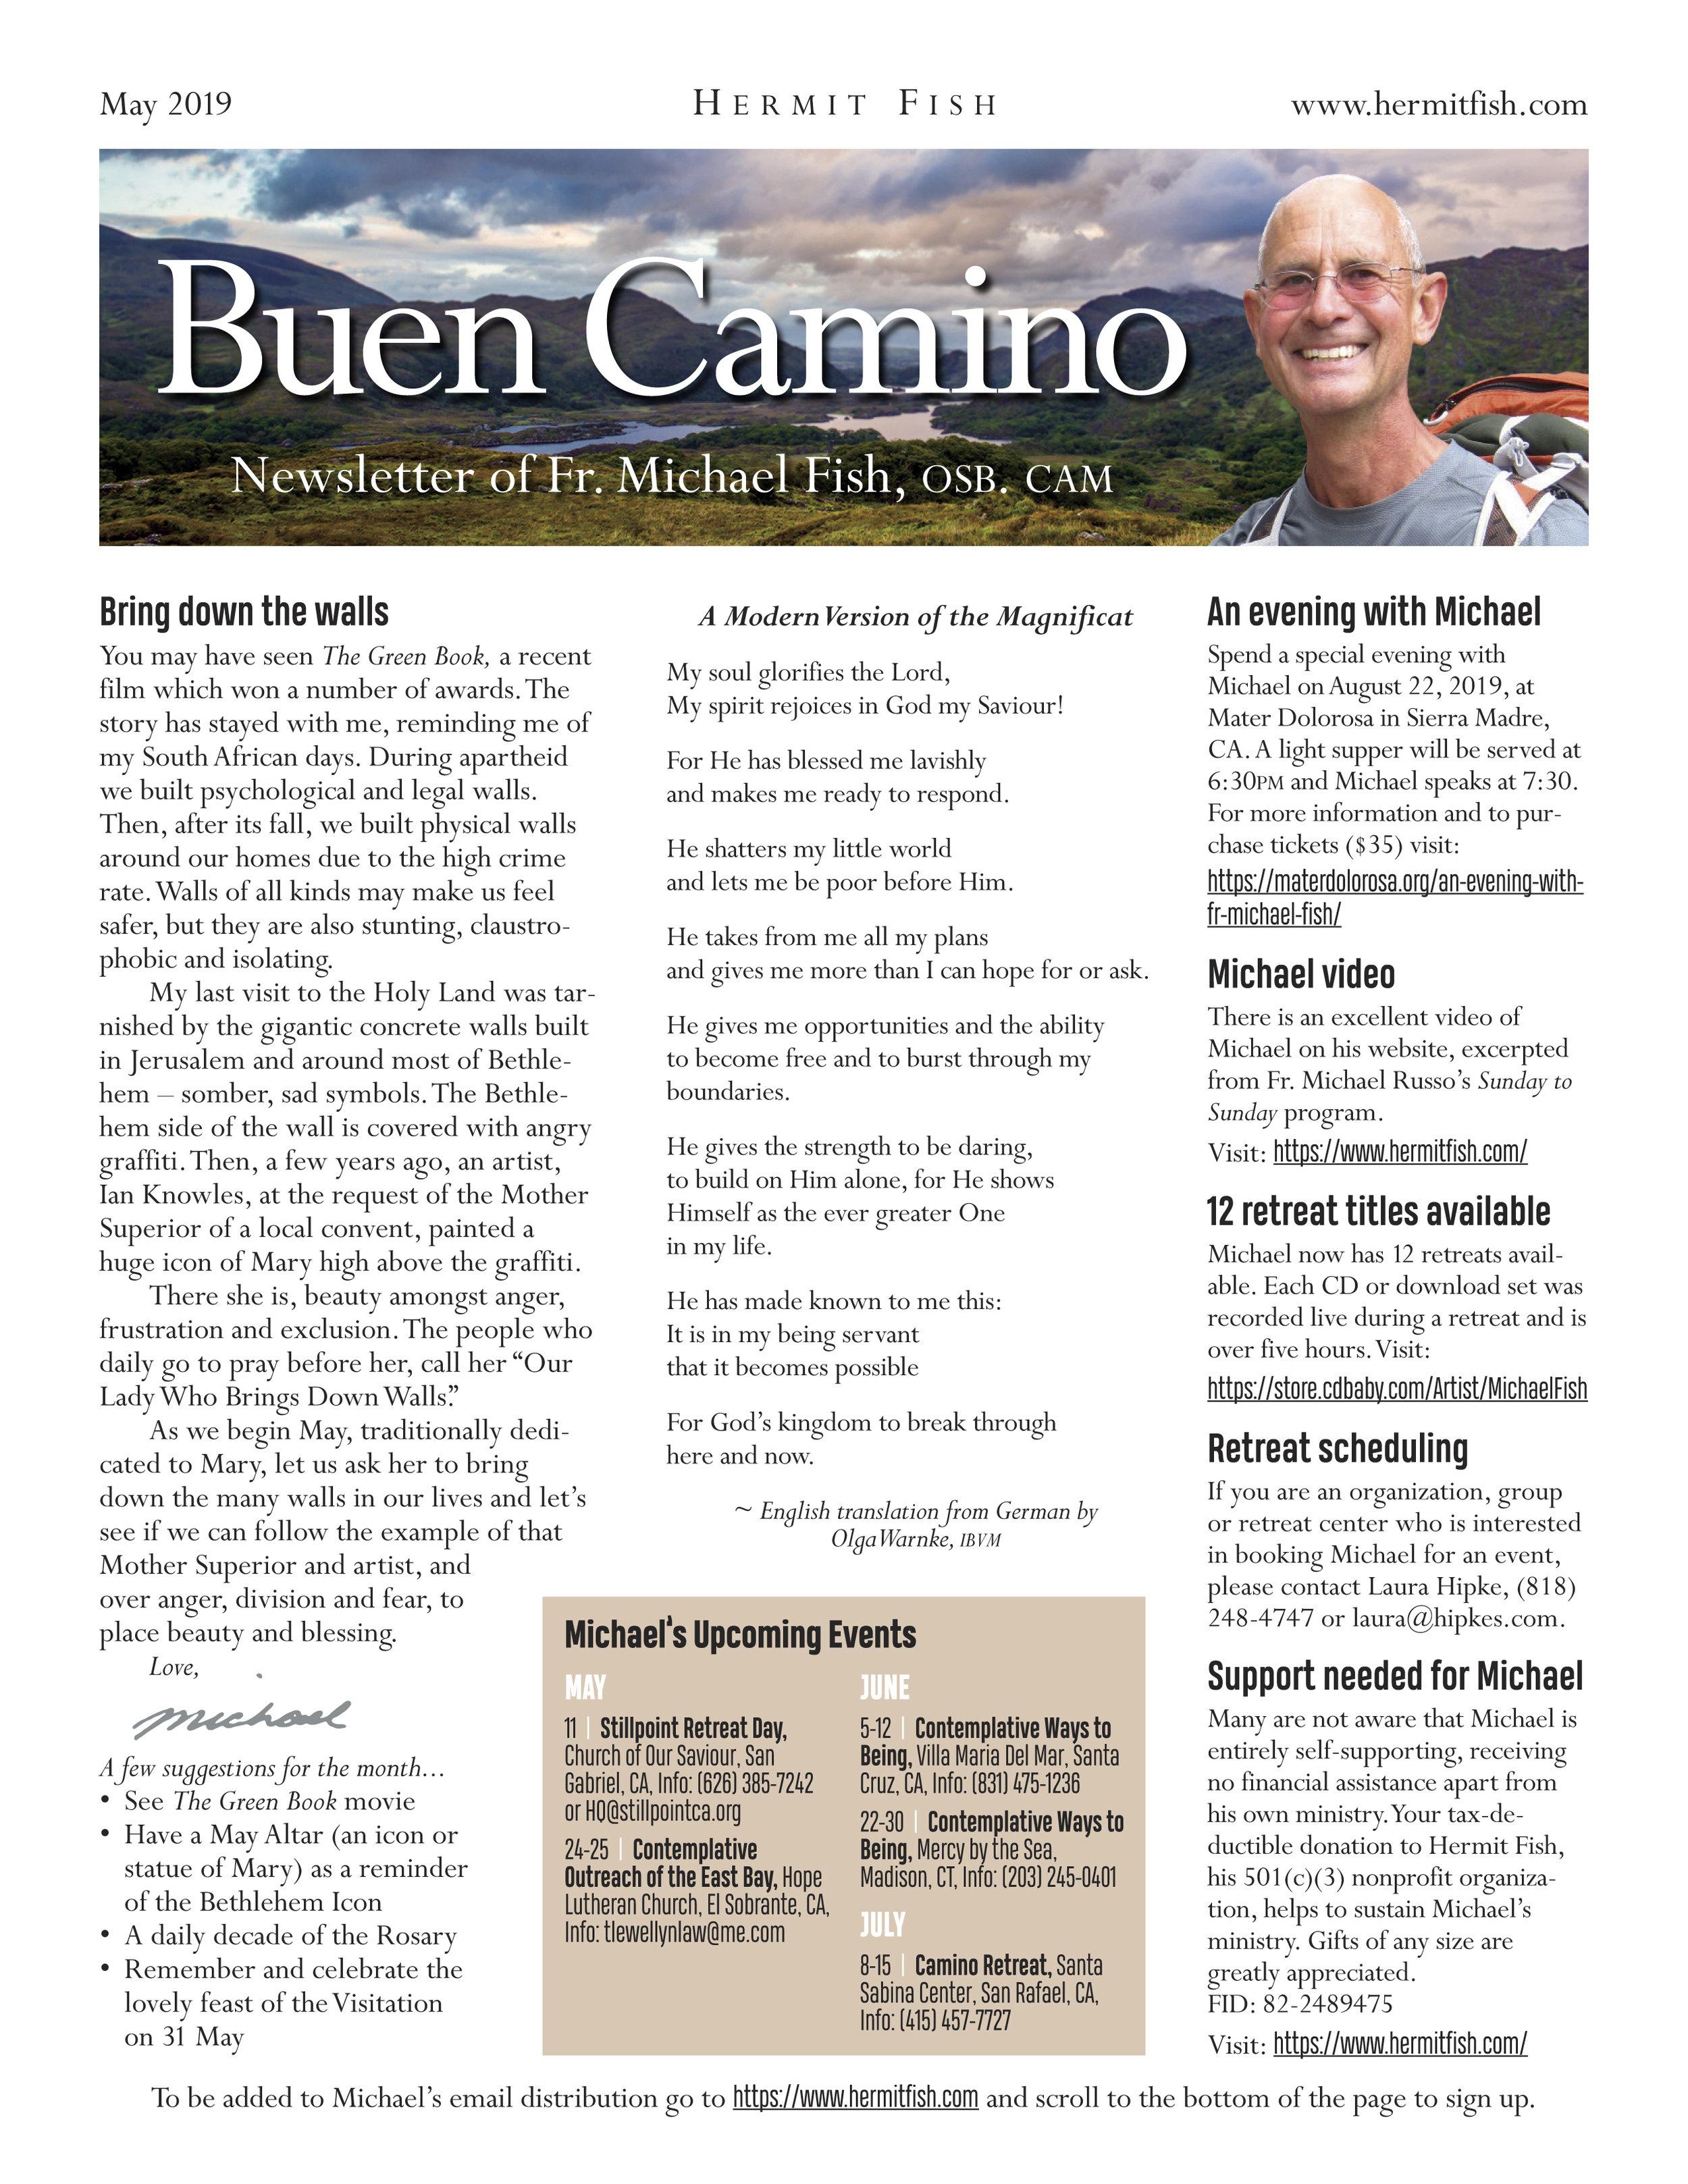 Buen Camino May 2019 v2.jpg